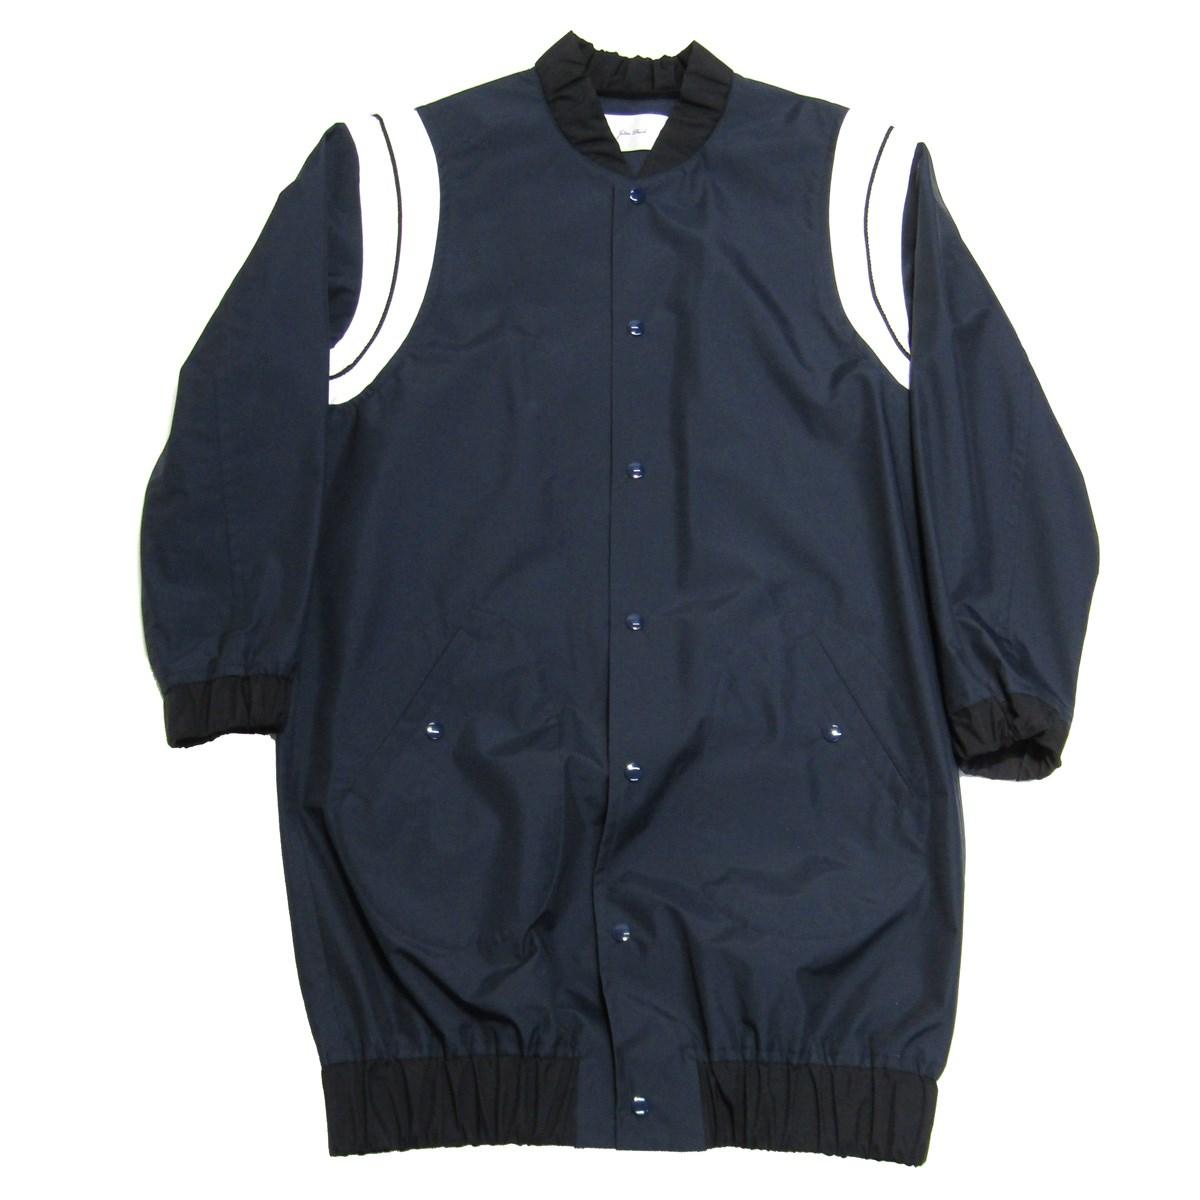 【中古】JULIEN DAVID ナイロンロングジャケット ネイビー サイズ:S 【210420】(ジュリアン デイビッド)